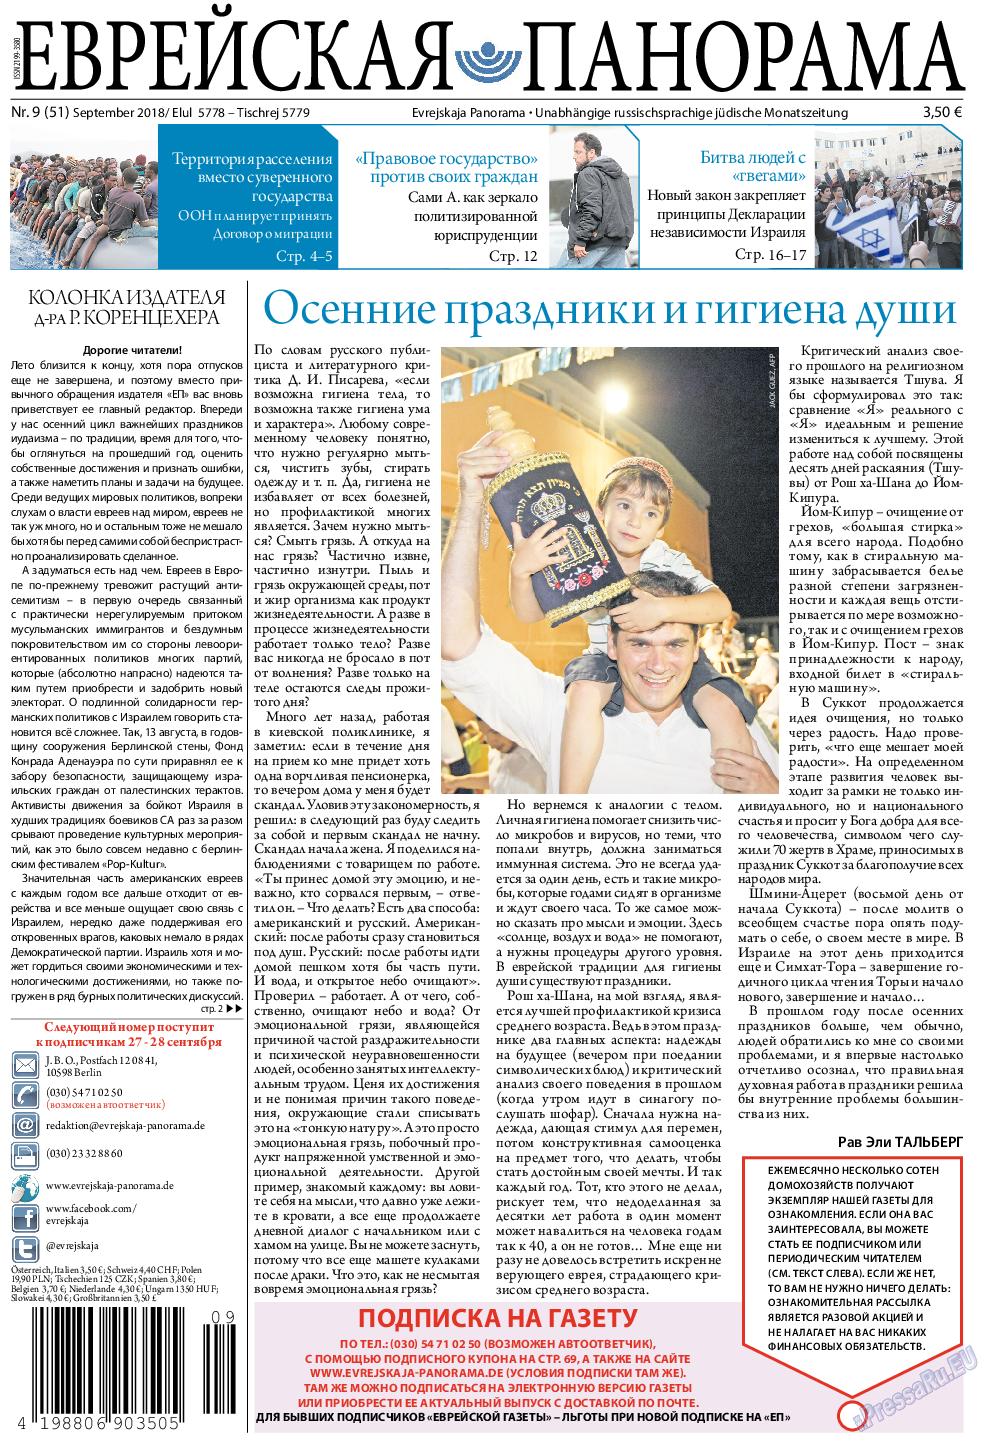 Еврейская панорама (газета). 2018 год, номер 9, стр. 1